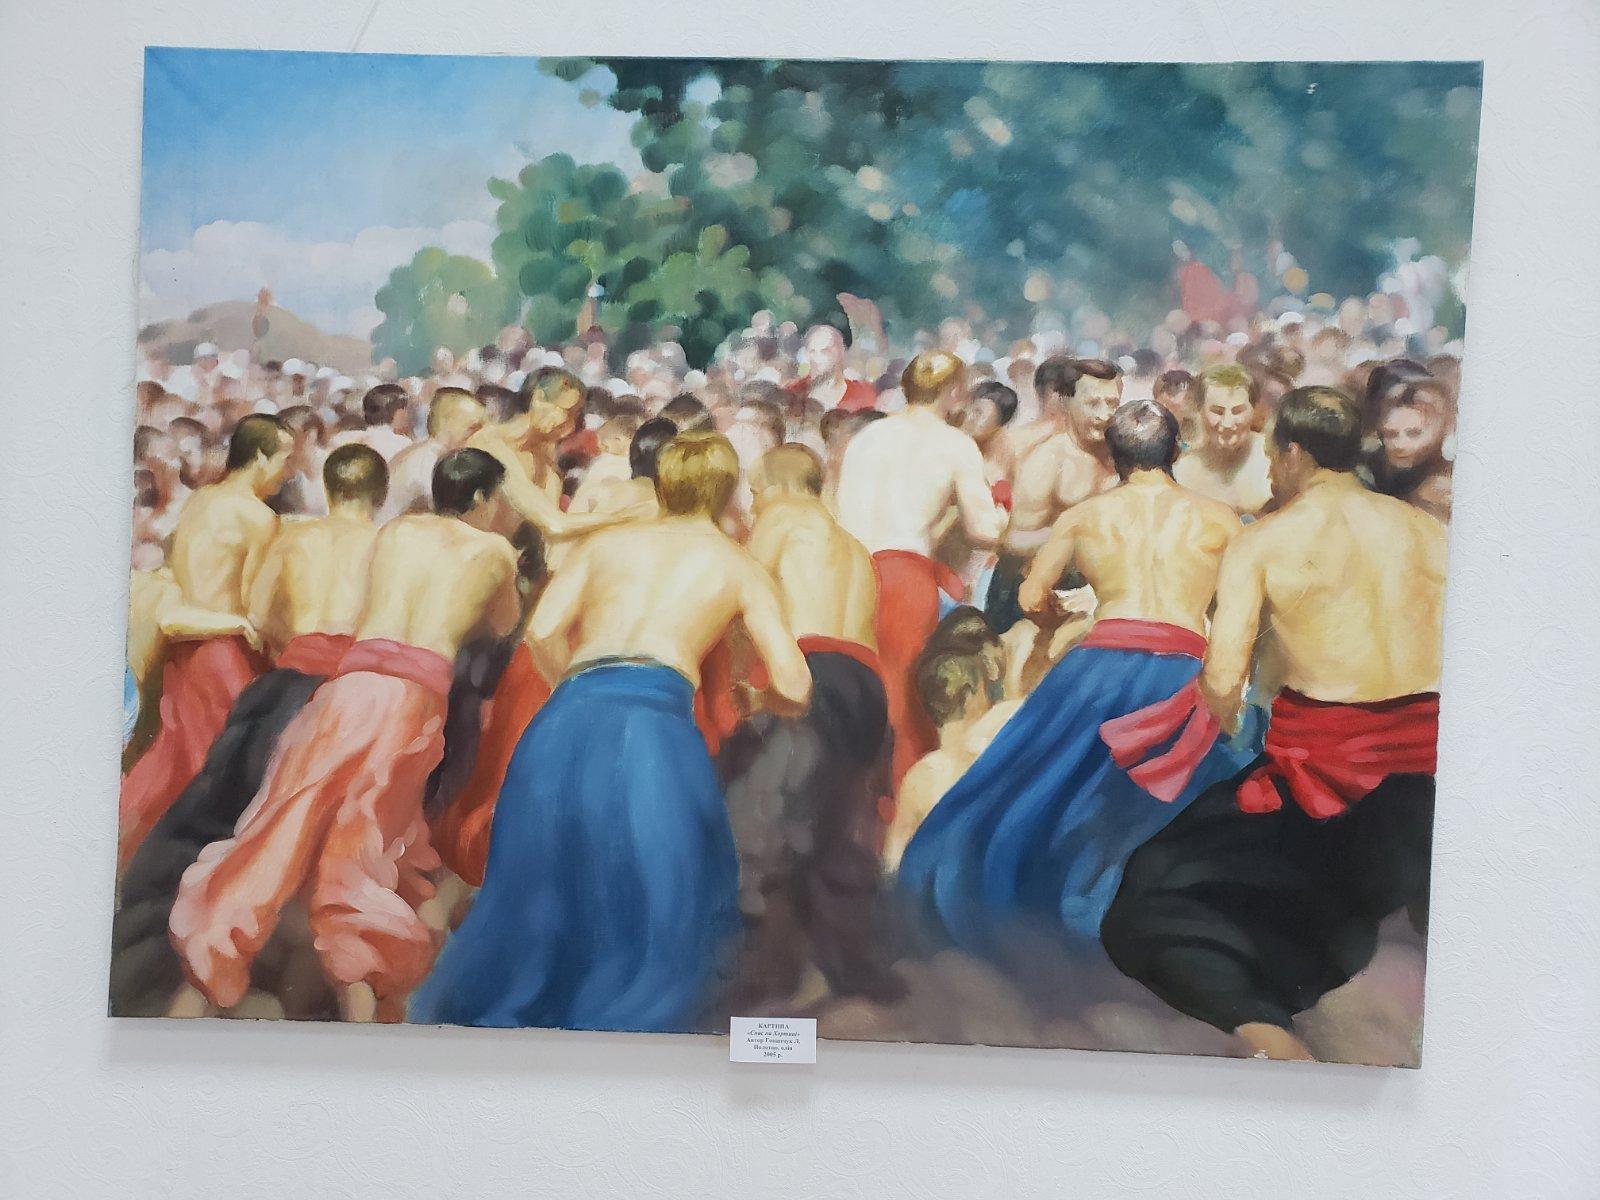 Виставка художніх робіт з фондів Броварського краєзнавчого музею (фото, відео) -  - yzobrazhenye viber 2020 01 11 17 12 097